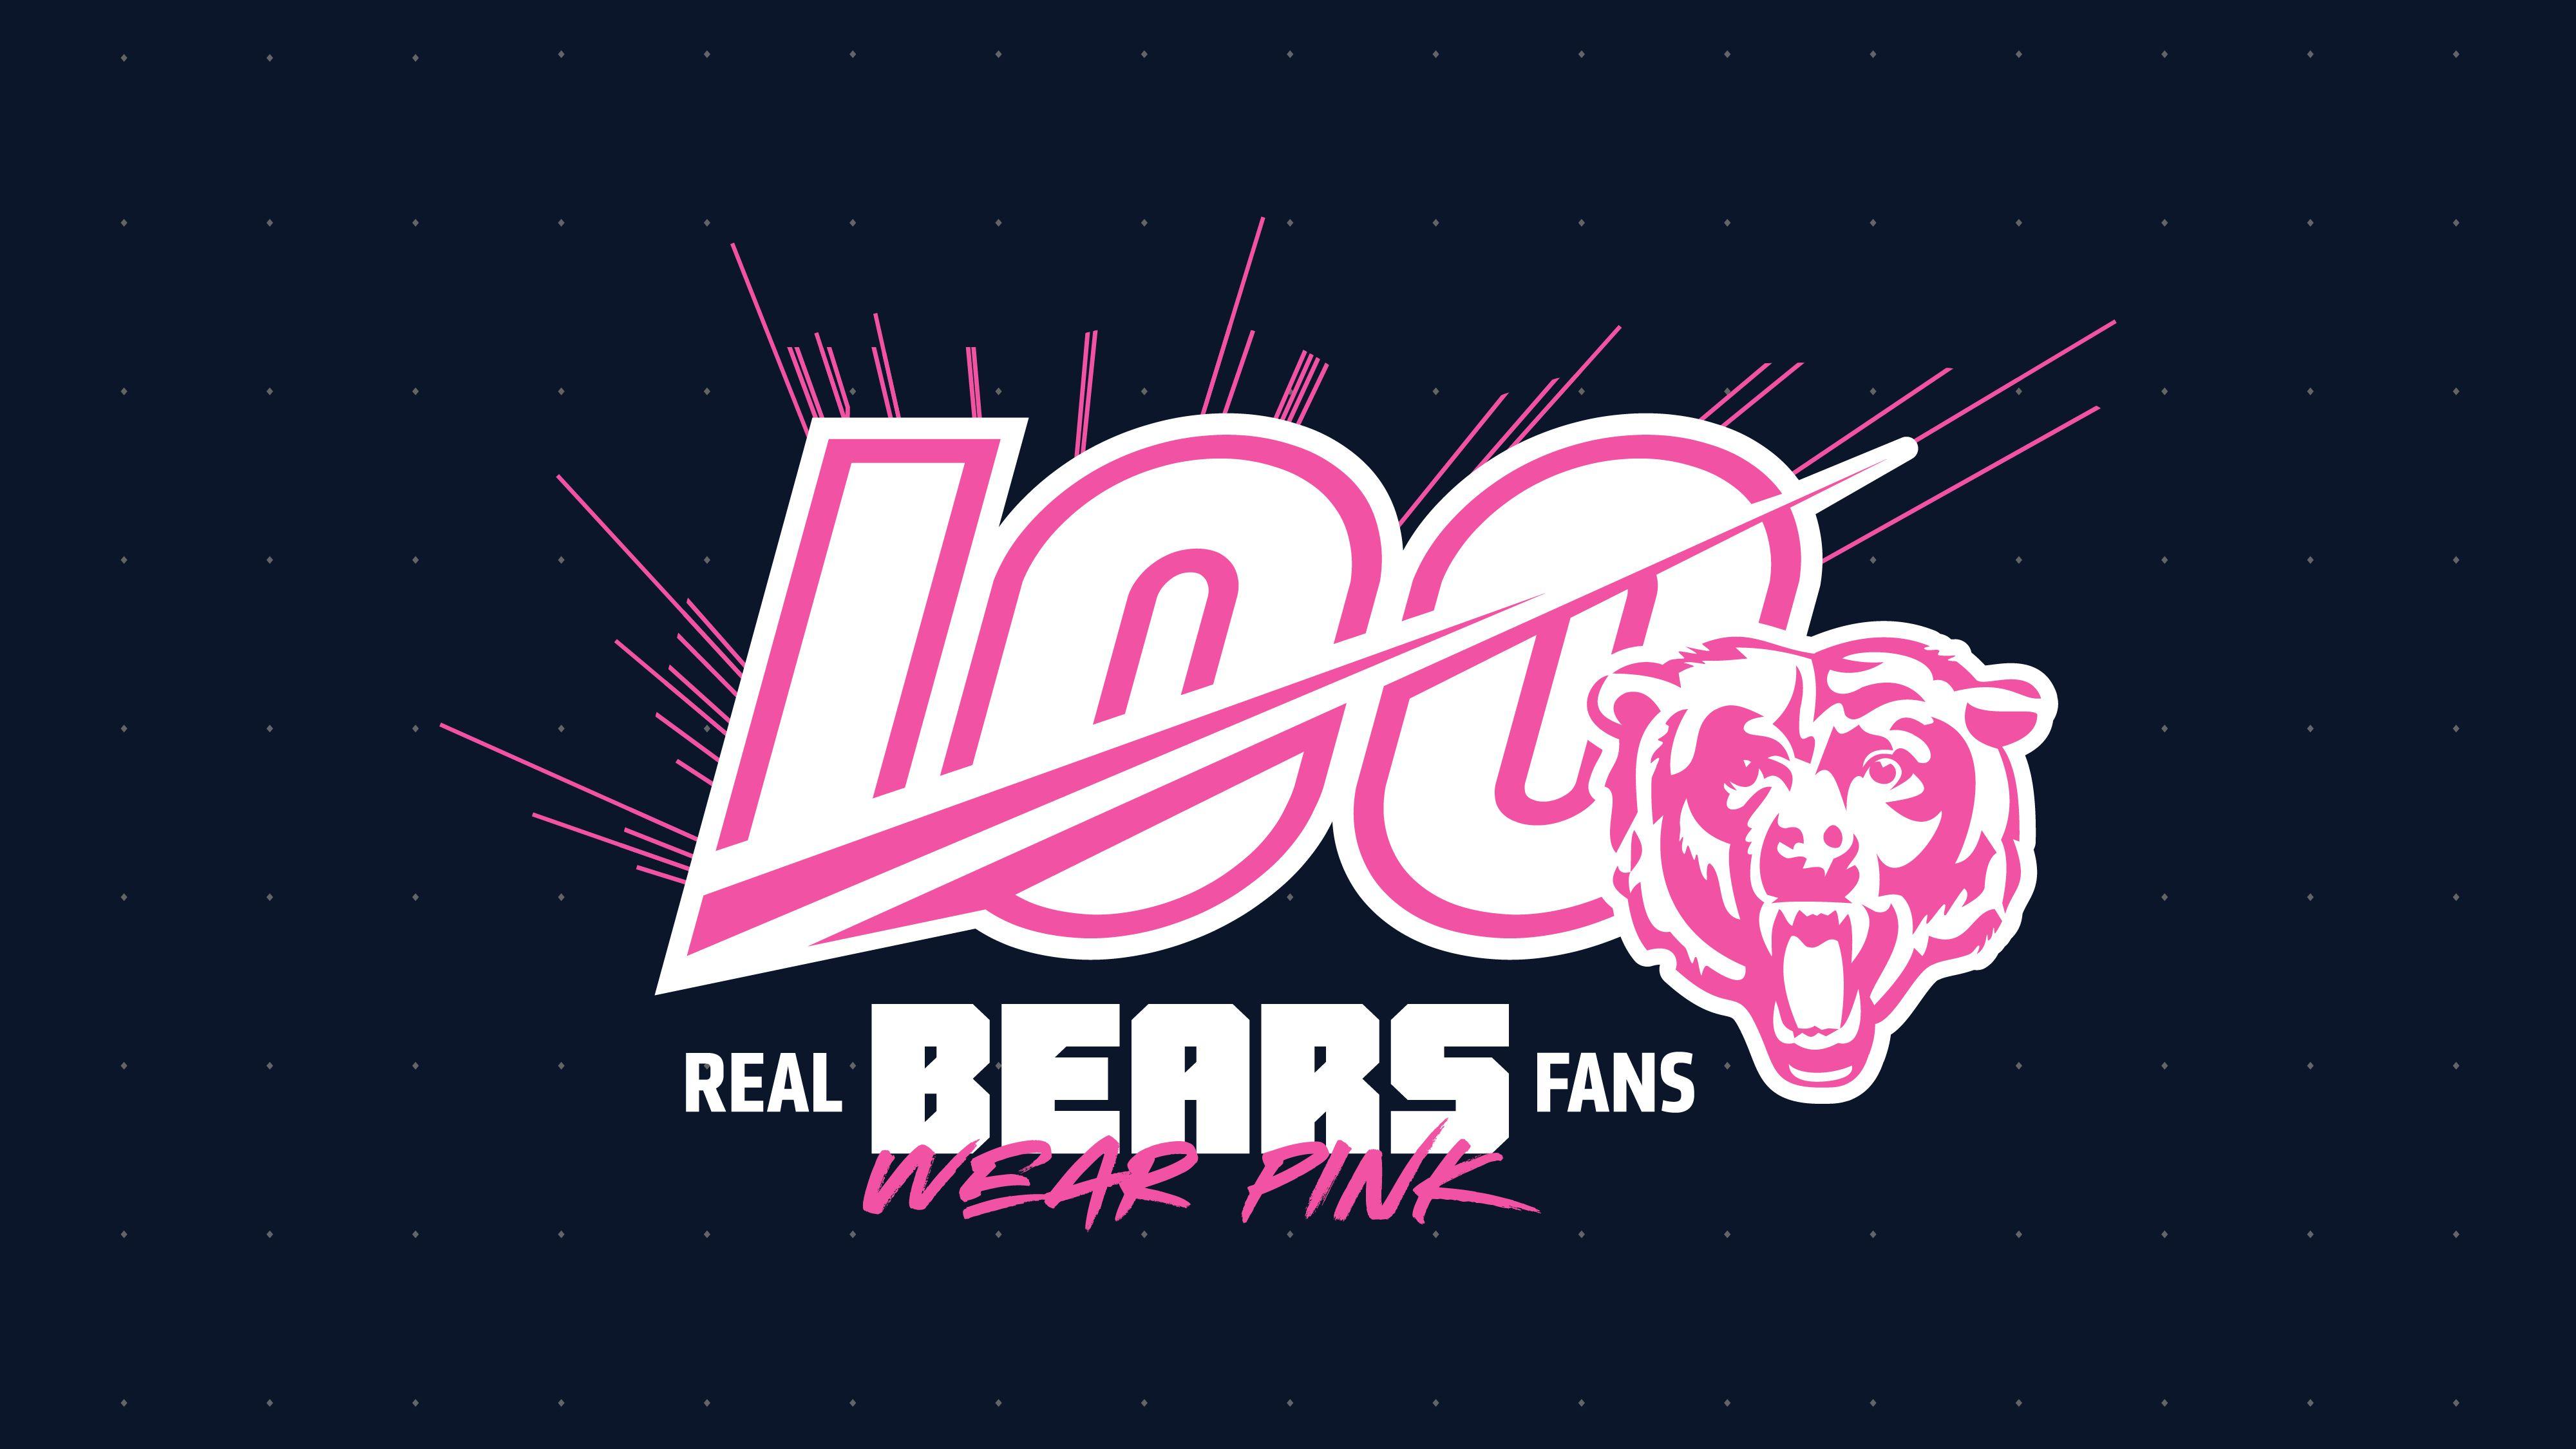 Real Bears Fans Wear Pink